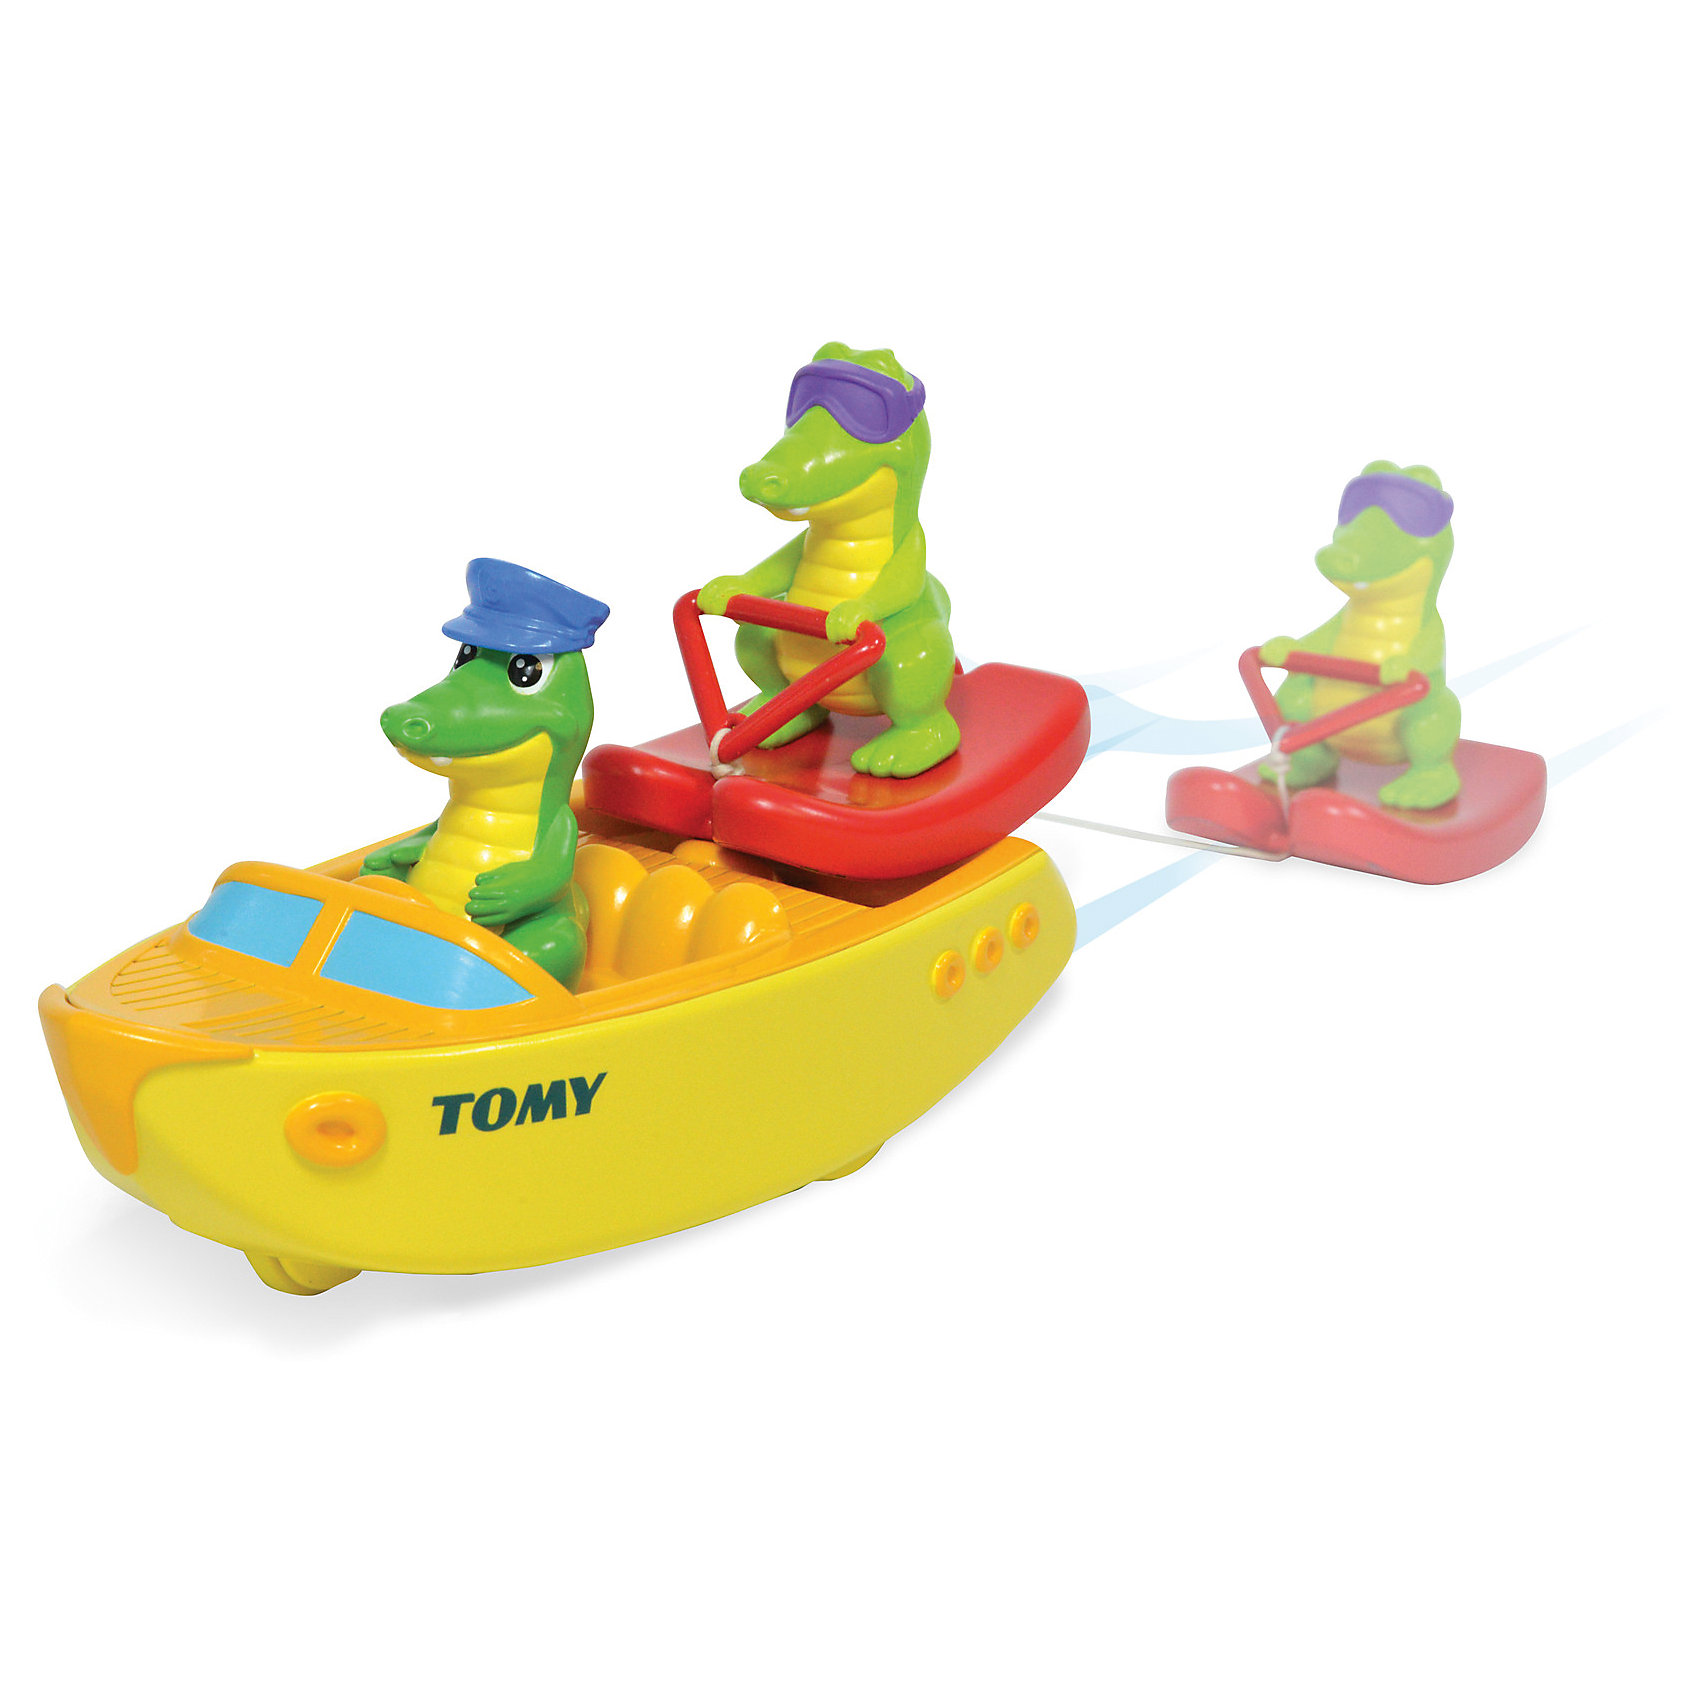 Крокодил на лодке, TOMYИгровые наборы<br>Крокодил на водных лыжах, Tomy - красочная привлекательная игрушка, которая превратит купание малыша в веселую увлекательную игру. Игрушка выполнена в виде моторной лодки с двумя забавными крокодильчиками - капитаном и пассажиром в солнечных очках на водных лыжах. Если потянуть лыжника за веревочку у лодки заведется мотор, она будет плыть по воде а крокодильчик ее догонять. Лодка оснащена маленькими колесиками, благодаря чему ее можно запускать и на полу. Игрушка изготовлена из высококачественного пластика, имеет крупные округлые формы, удобные и безопасные для малыша.<br><br>Дополнительная информация:<br><br>- В комплекте: катер с мотором, 2 фигурки крокодильчиков.<br>- Материал: пластик.<br>- Размер лодки: 19,5 х 8,5 х 3,5 см. <br>- Размер упаковки: 24 х 12 х 21 см.<br>- Вес: 0,38 кг.<br><br>Крокодил на водных лыжах, Tomy, можно купить в нашем интернет-магазине.<br><br>Ширина мм: 240<br>Глубина мм: 120<br>Высота мм: 210<br>Вес г: 380<br>Возраст от месяцев: 18<br>Возраст до месяцев: 36<br>Пол: Унисекс<br>Возраст: Детский<br>SKU: 4412203